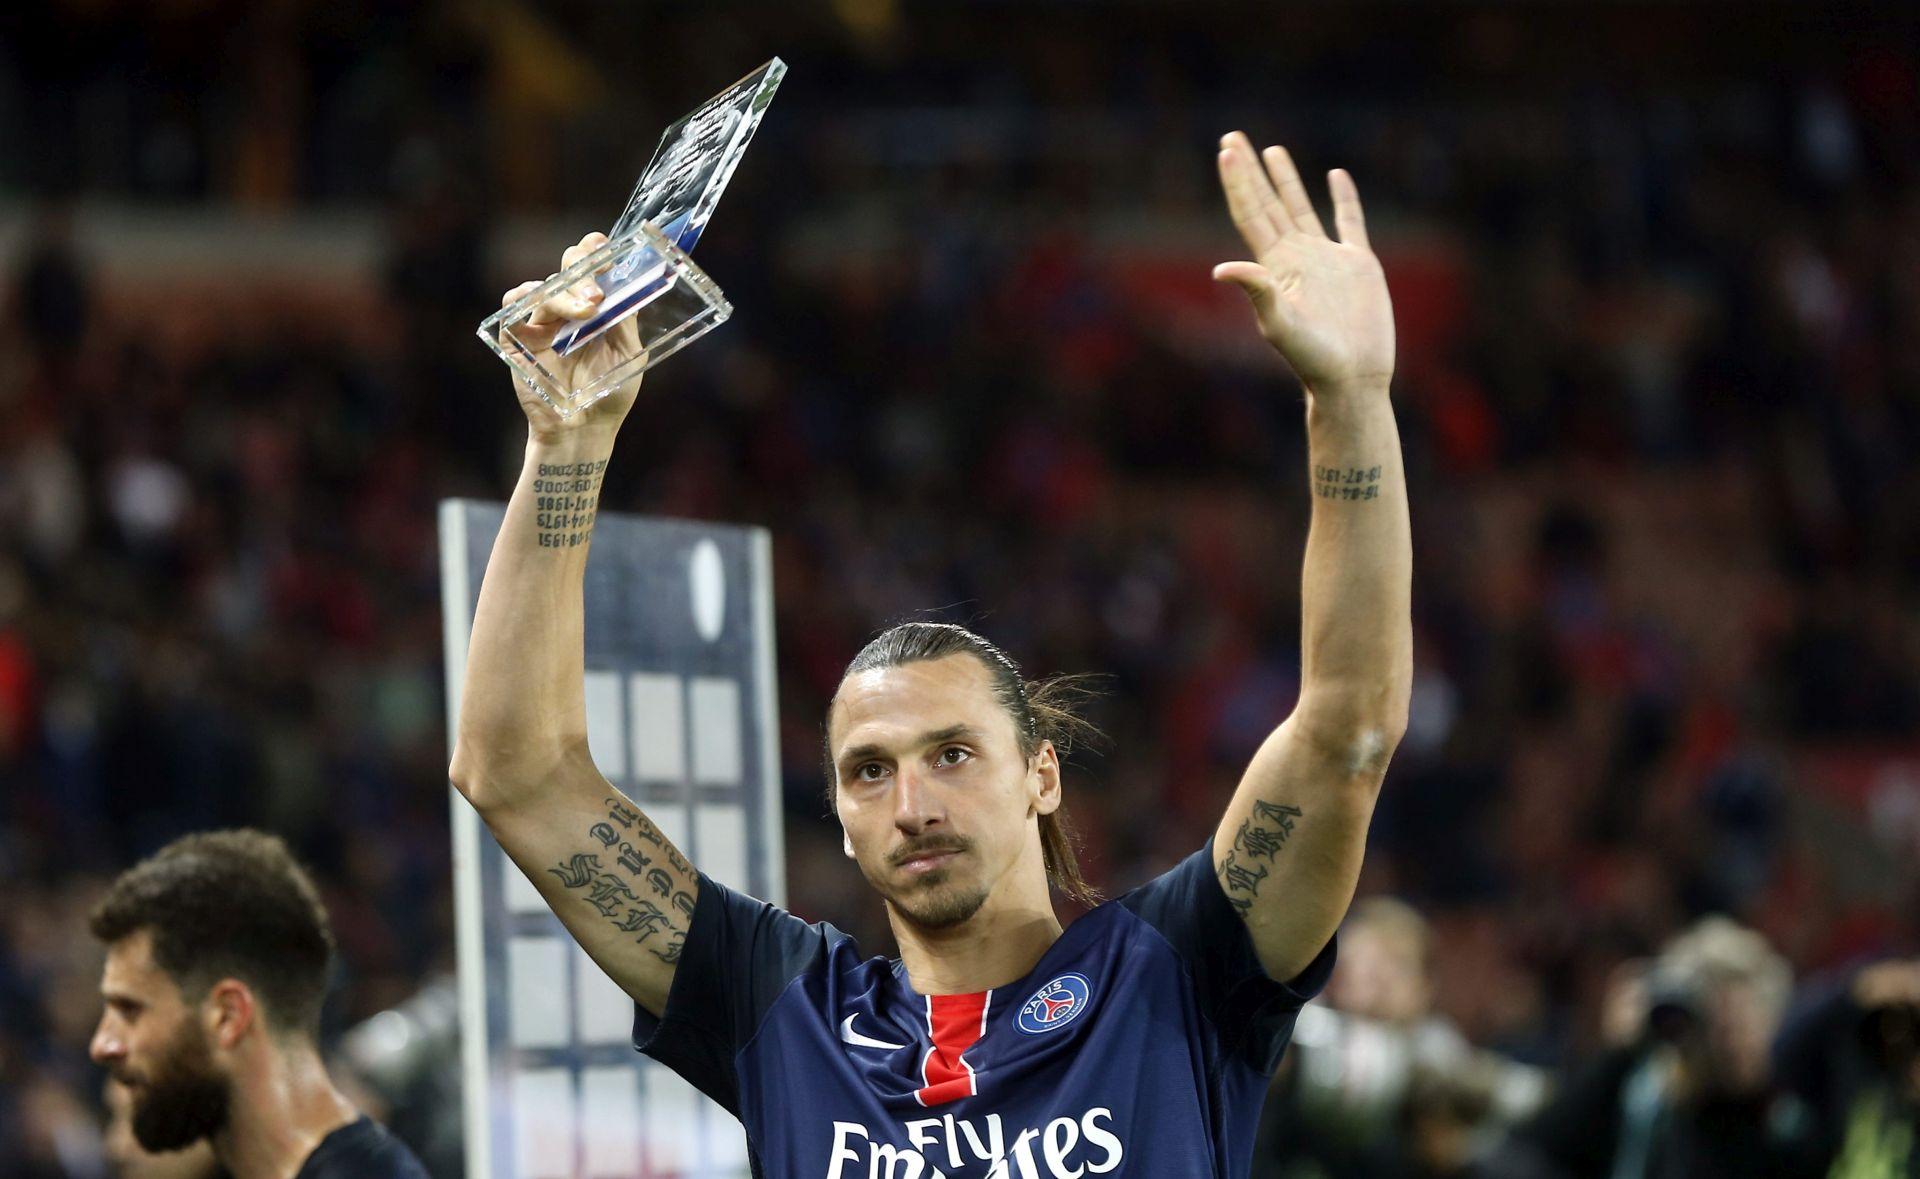 VIDEO: IBRA ZA POVIJEST: PSG slavio nad Marseillesom, Ibrahimović došao do 110. gola za Parižane